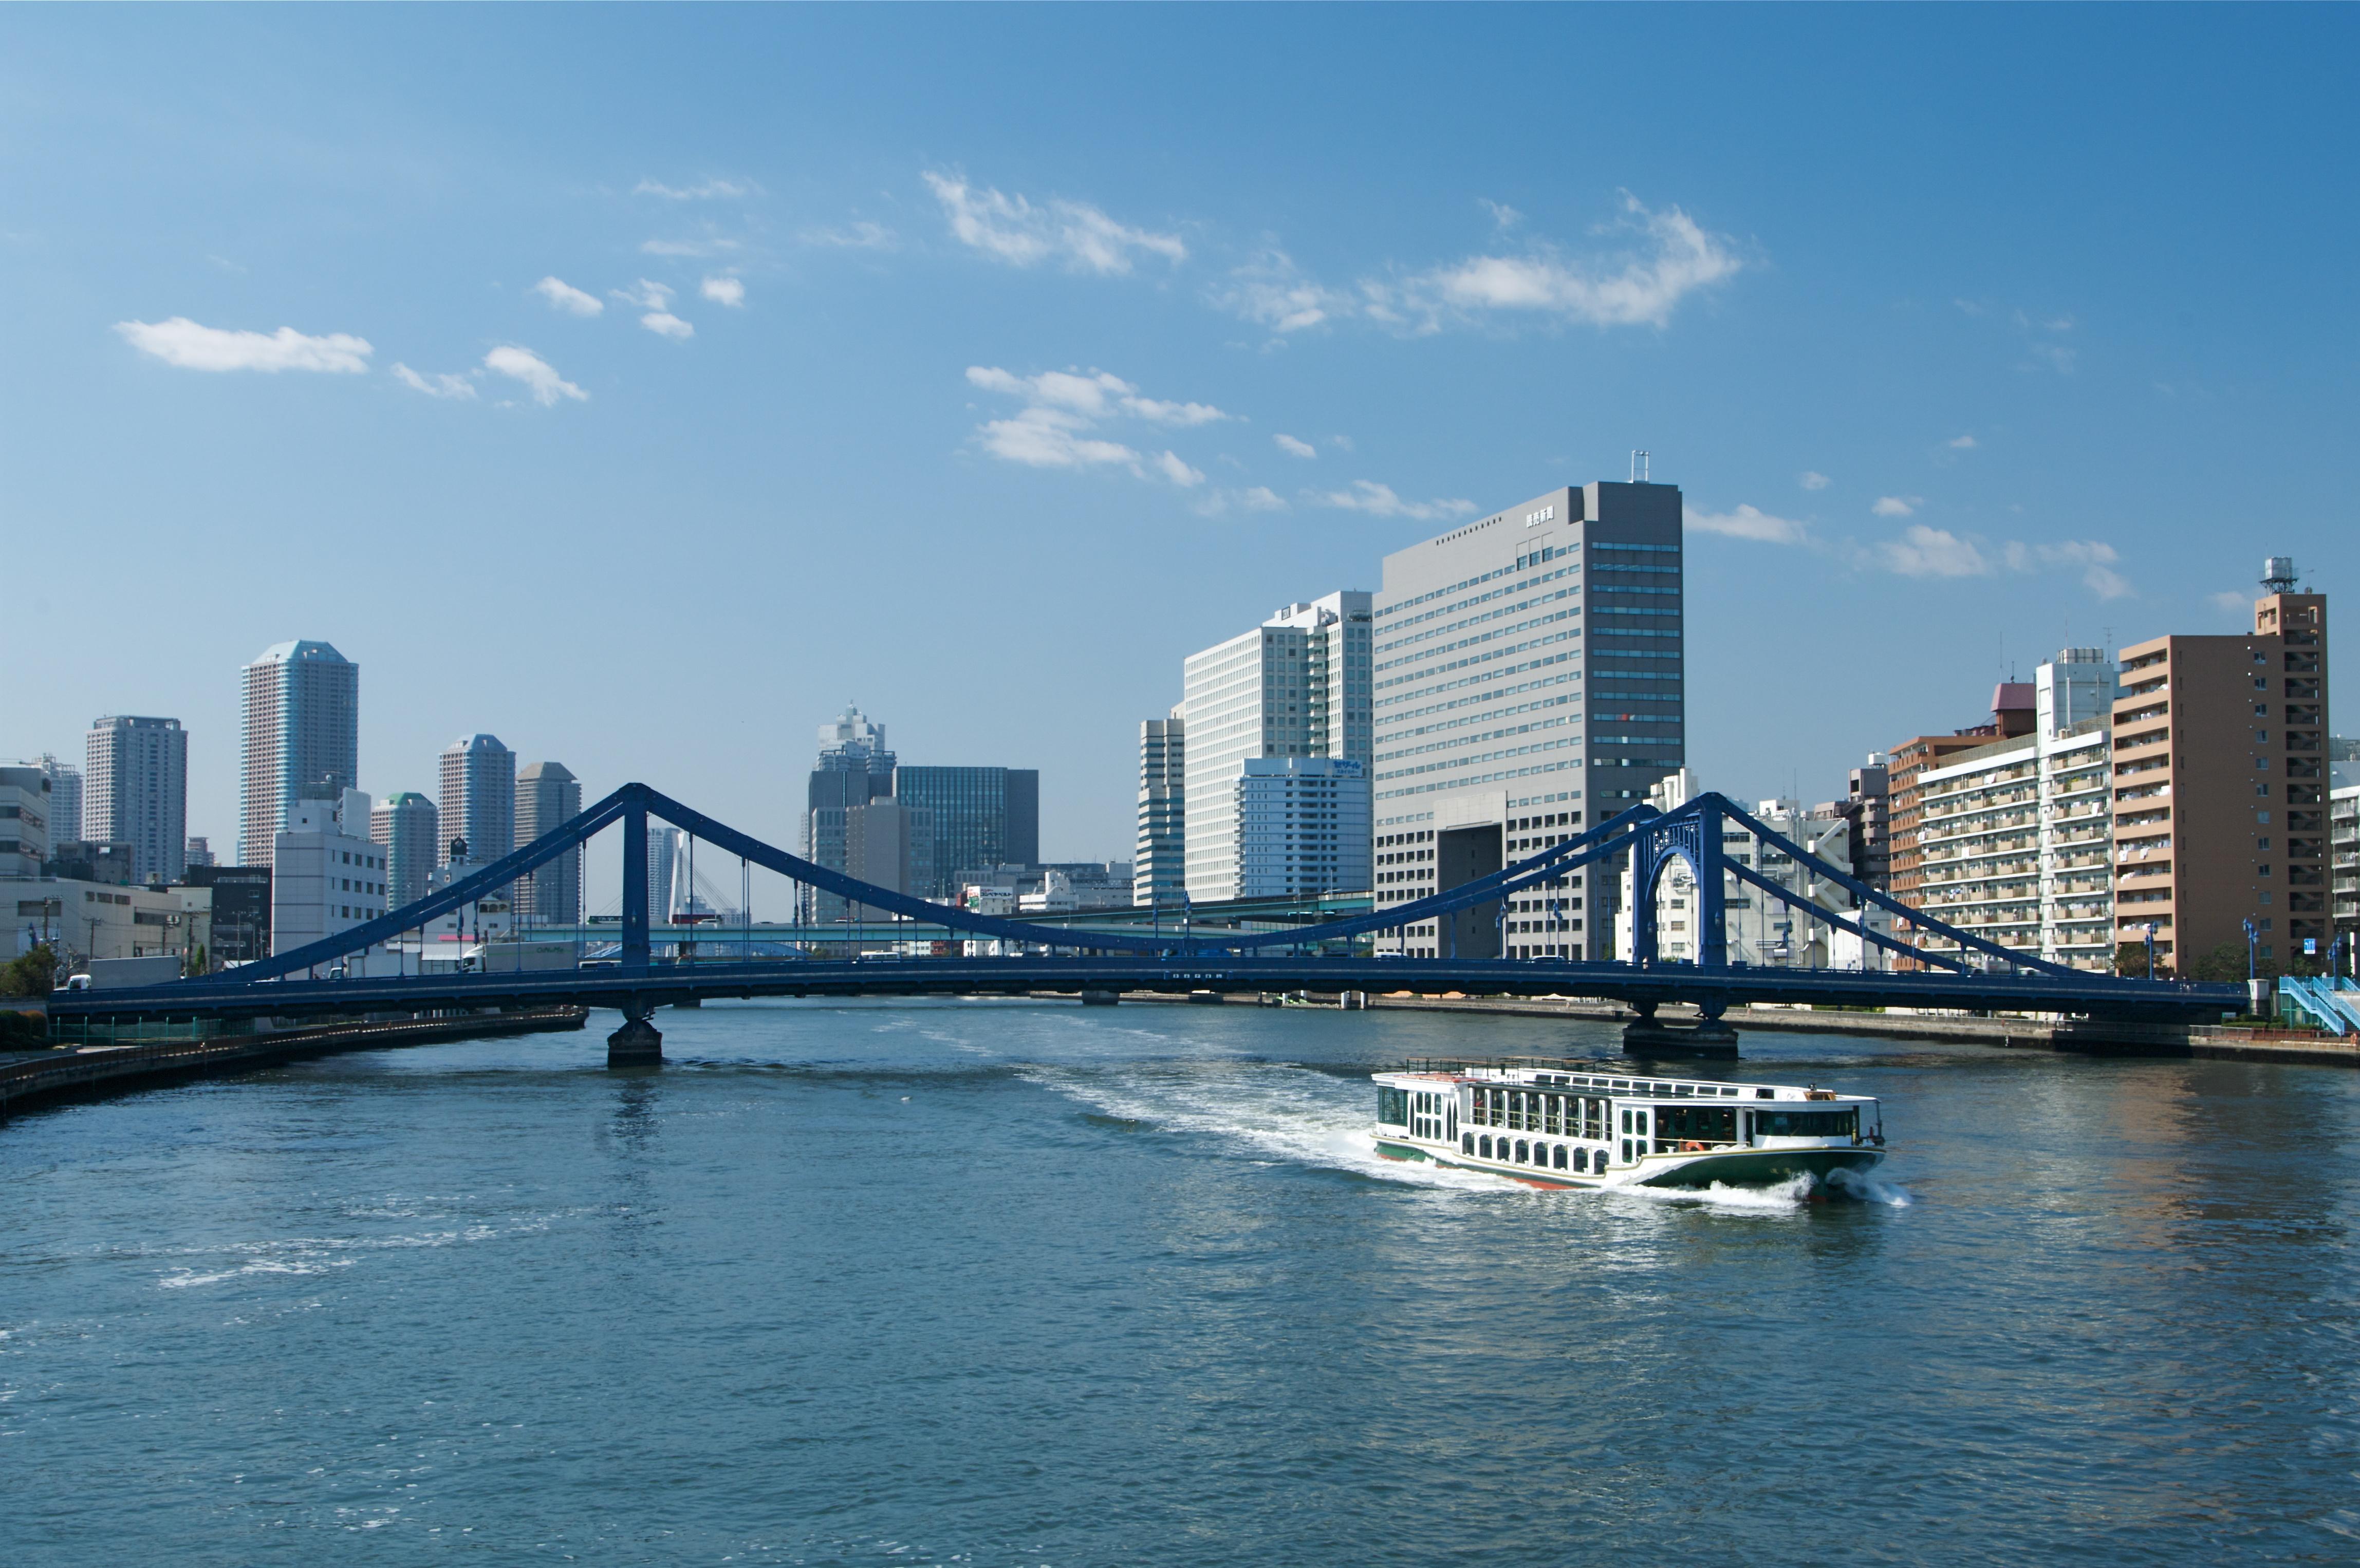 隅田川の清州橋を潜る水上バス